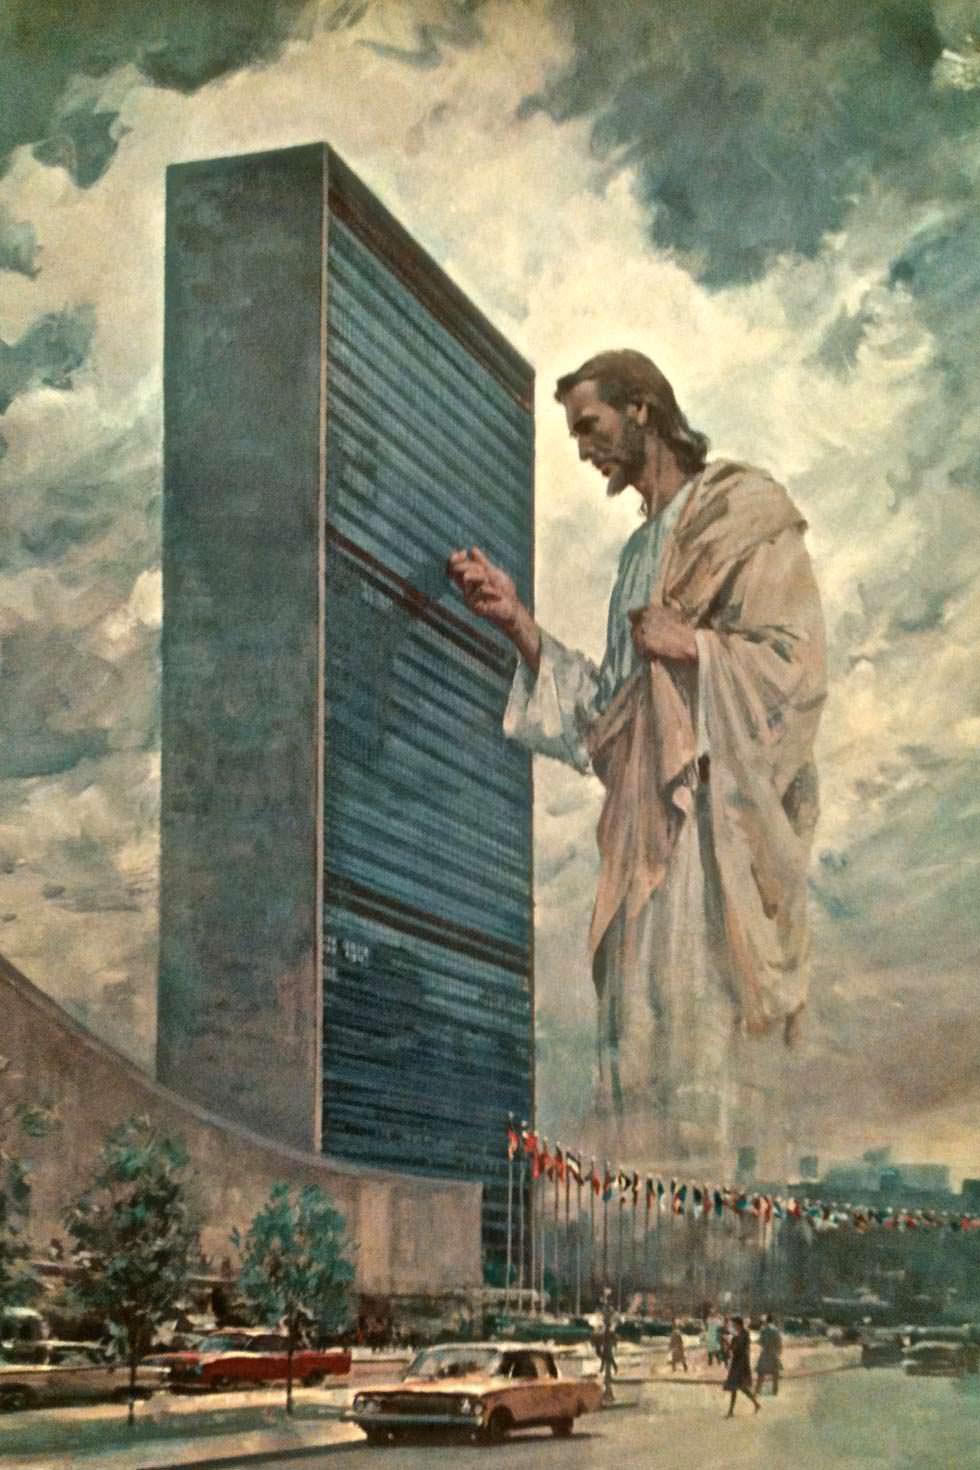 Cristo dando el toque a las Naciones Unidas